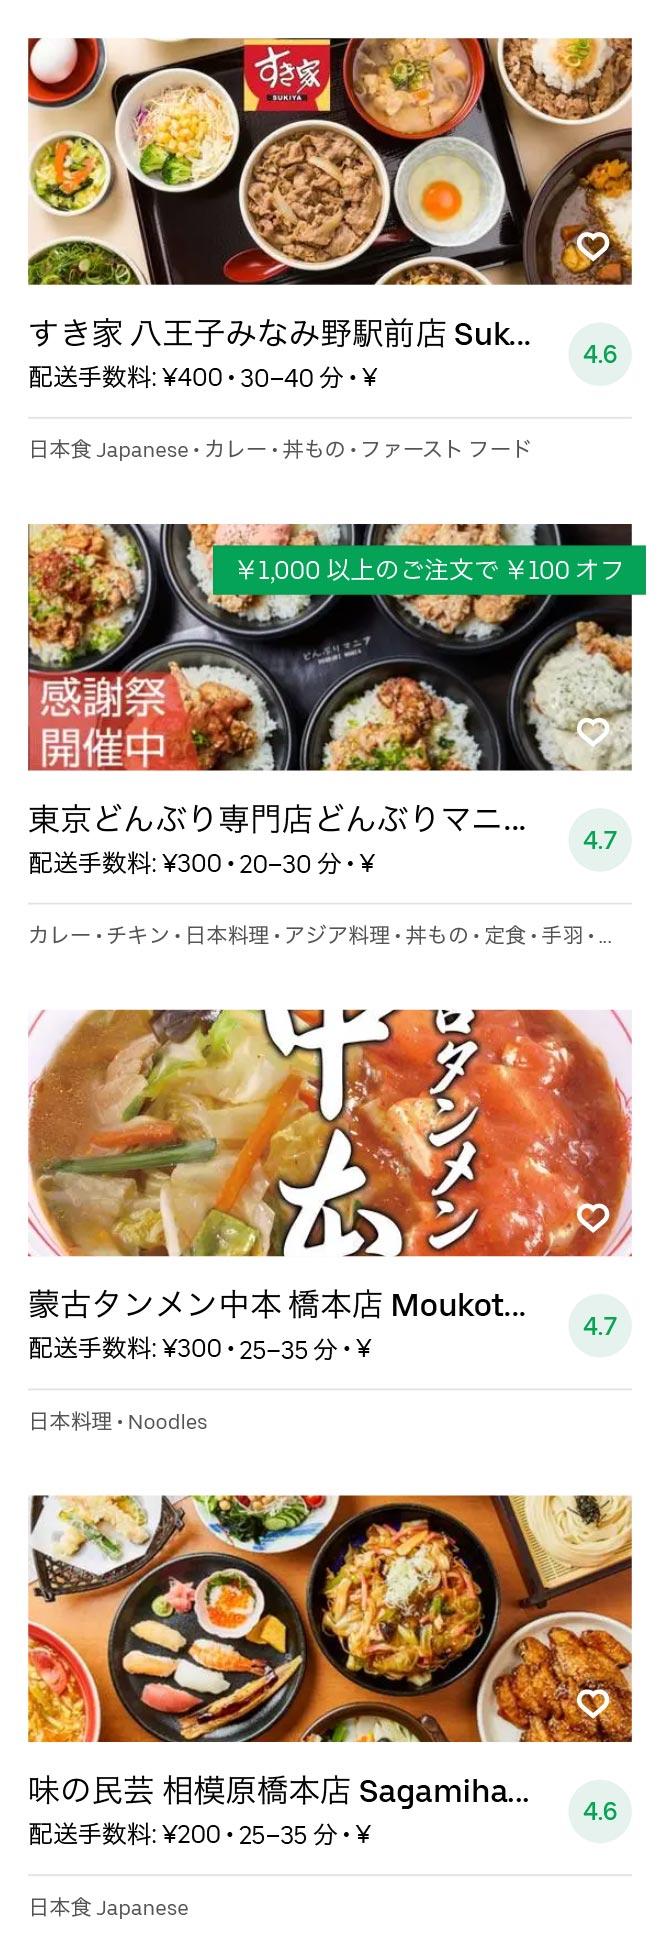 Aihara menu 2010 09